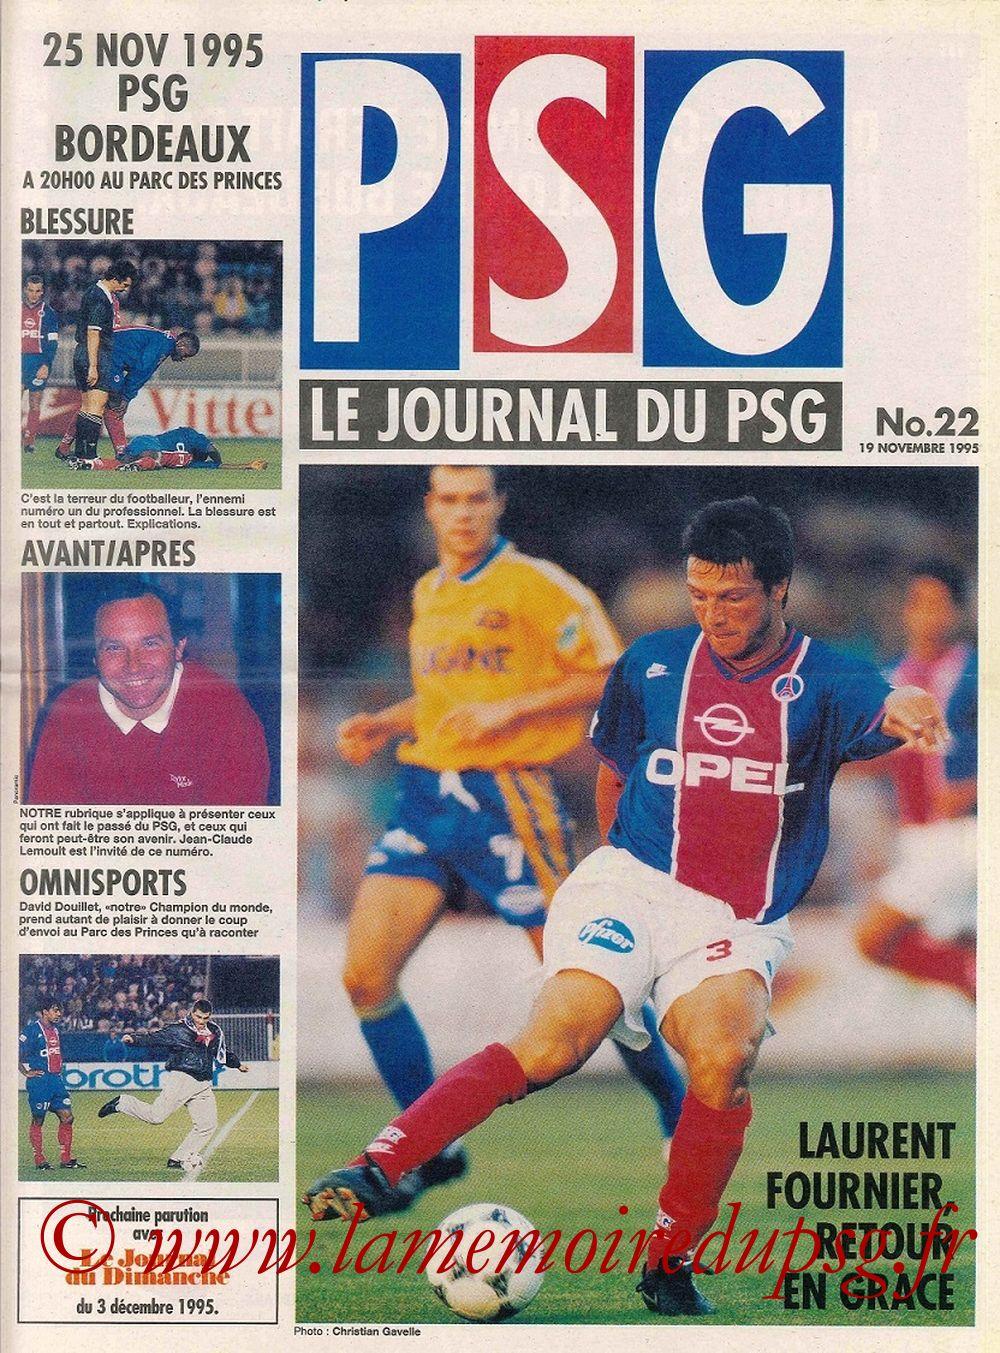 1995-11-25  PSG-Bordeaux (19ème D1, Le journal du PSG N°22)